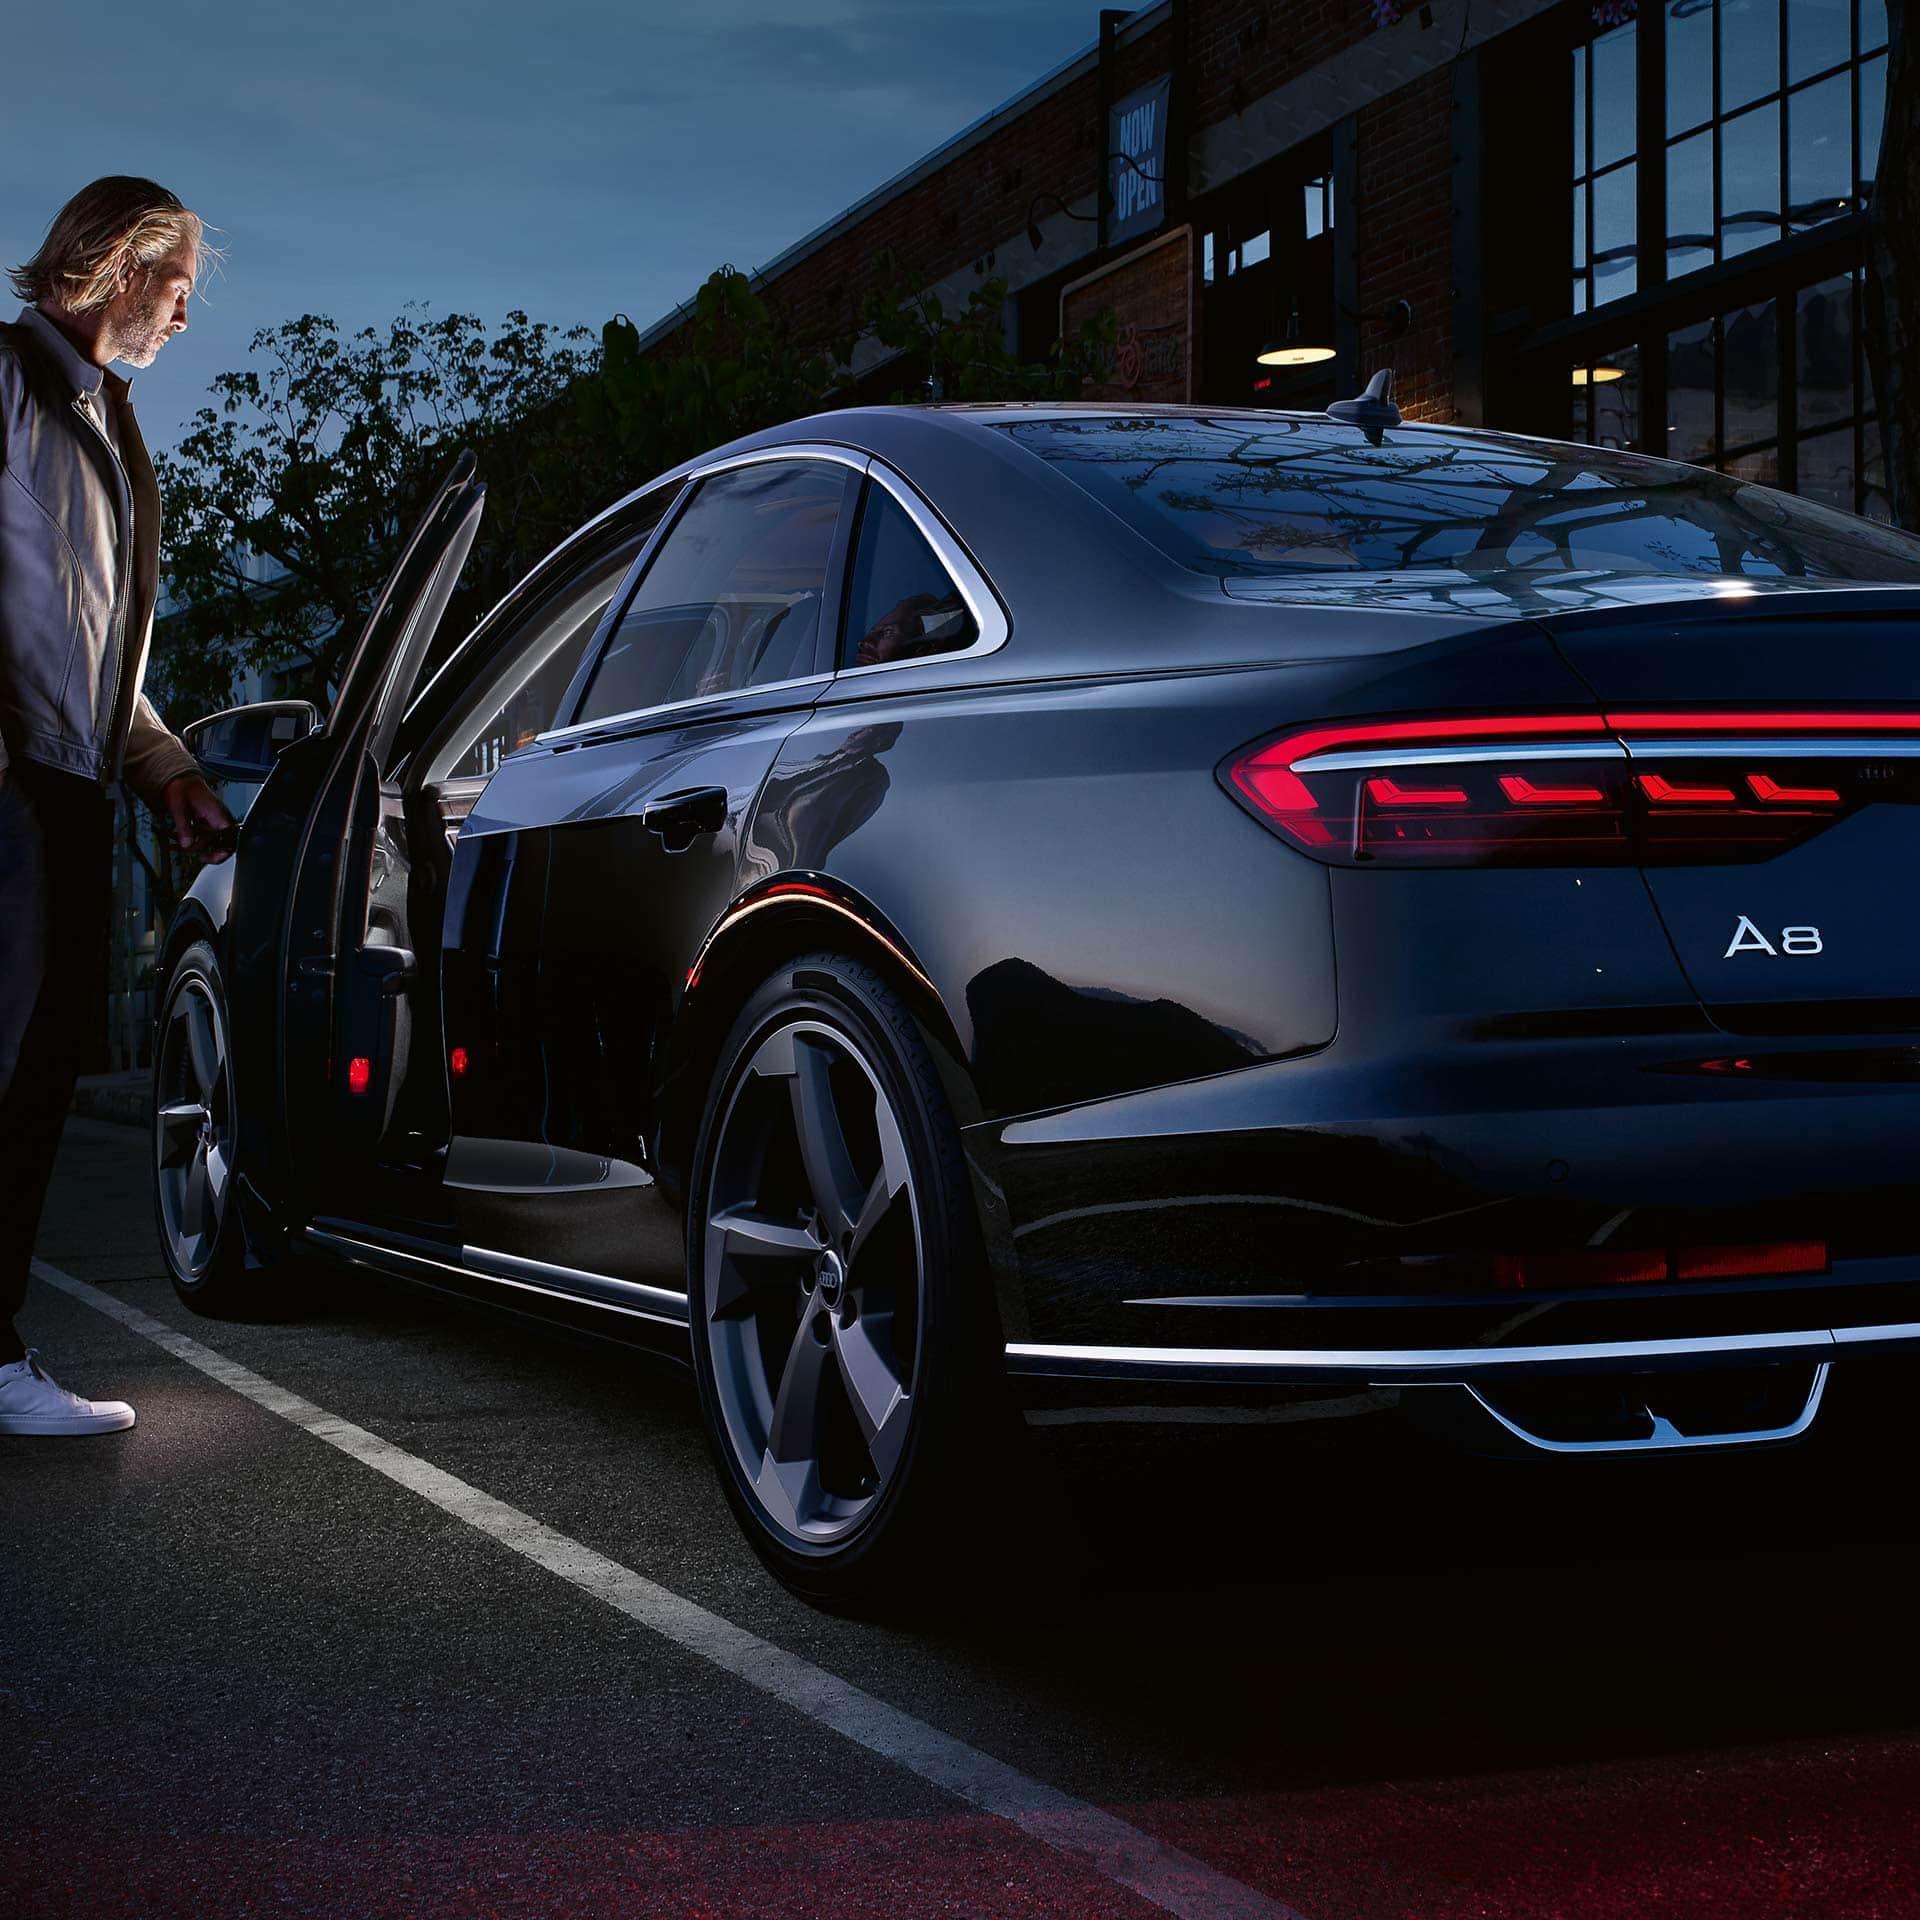 2020 Audi A8 Reviews